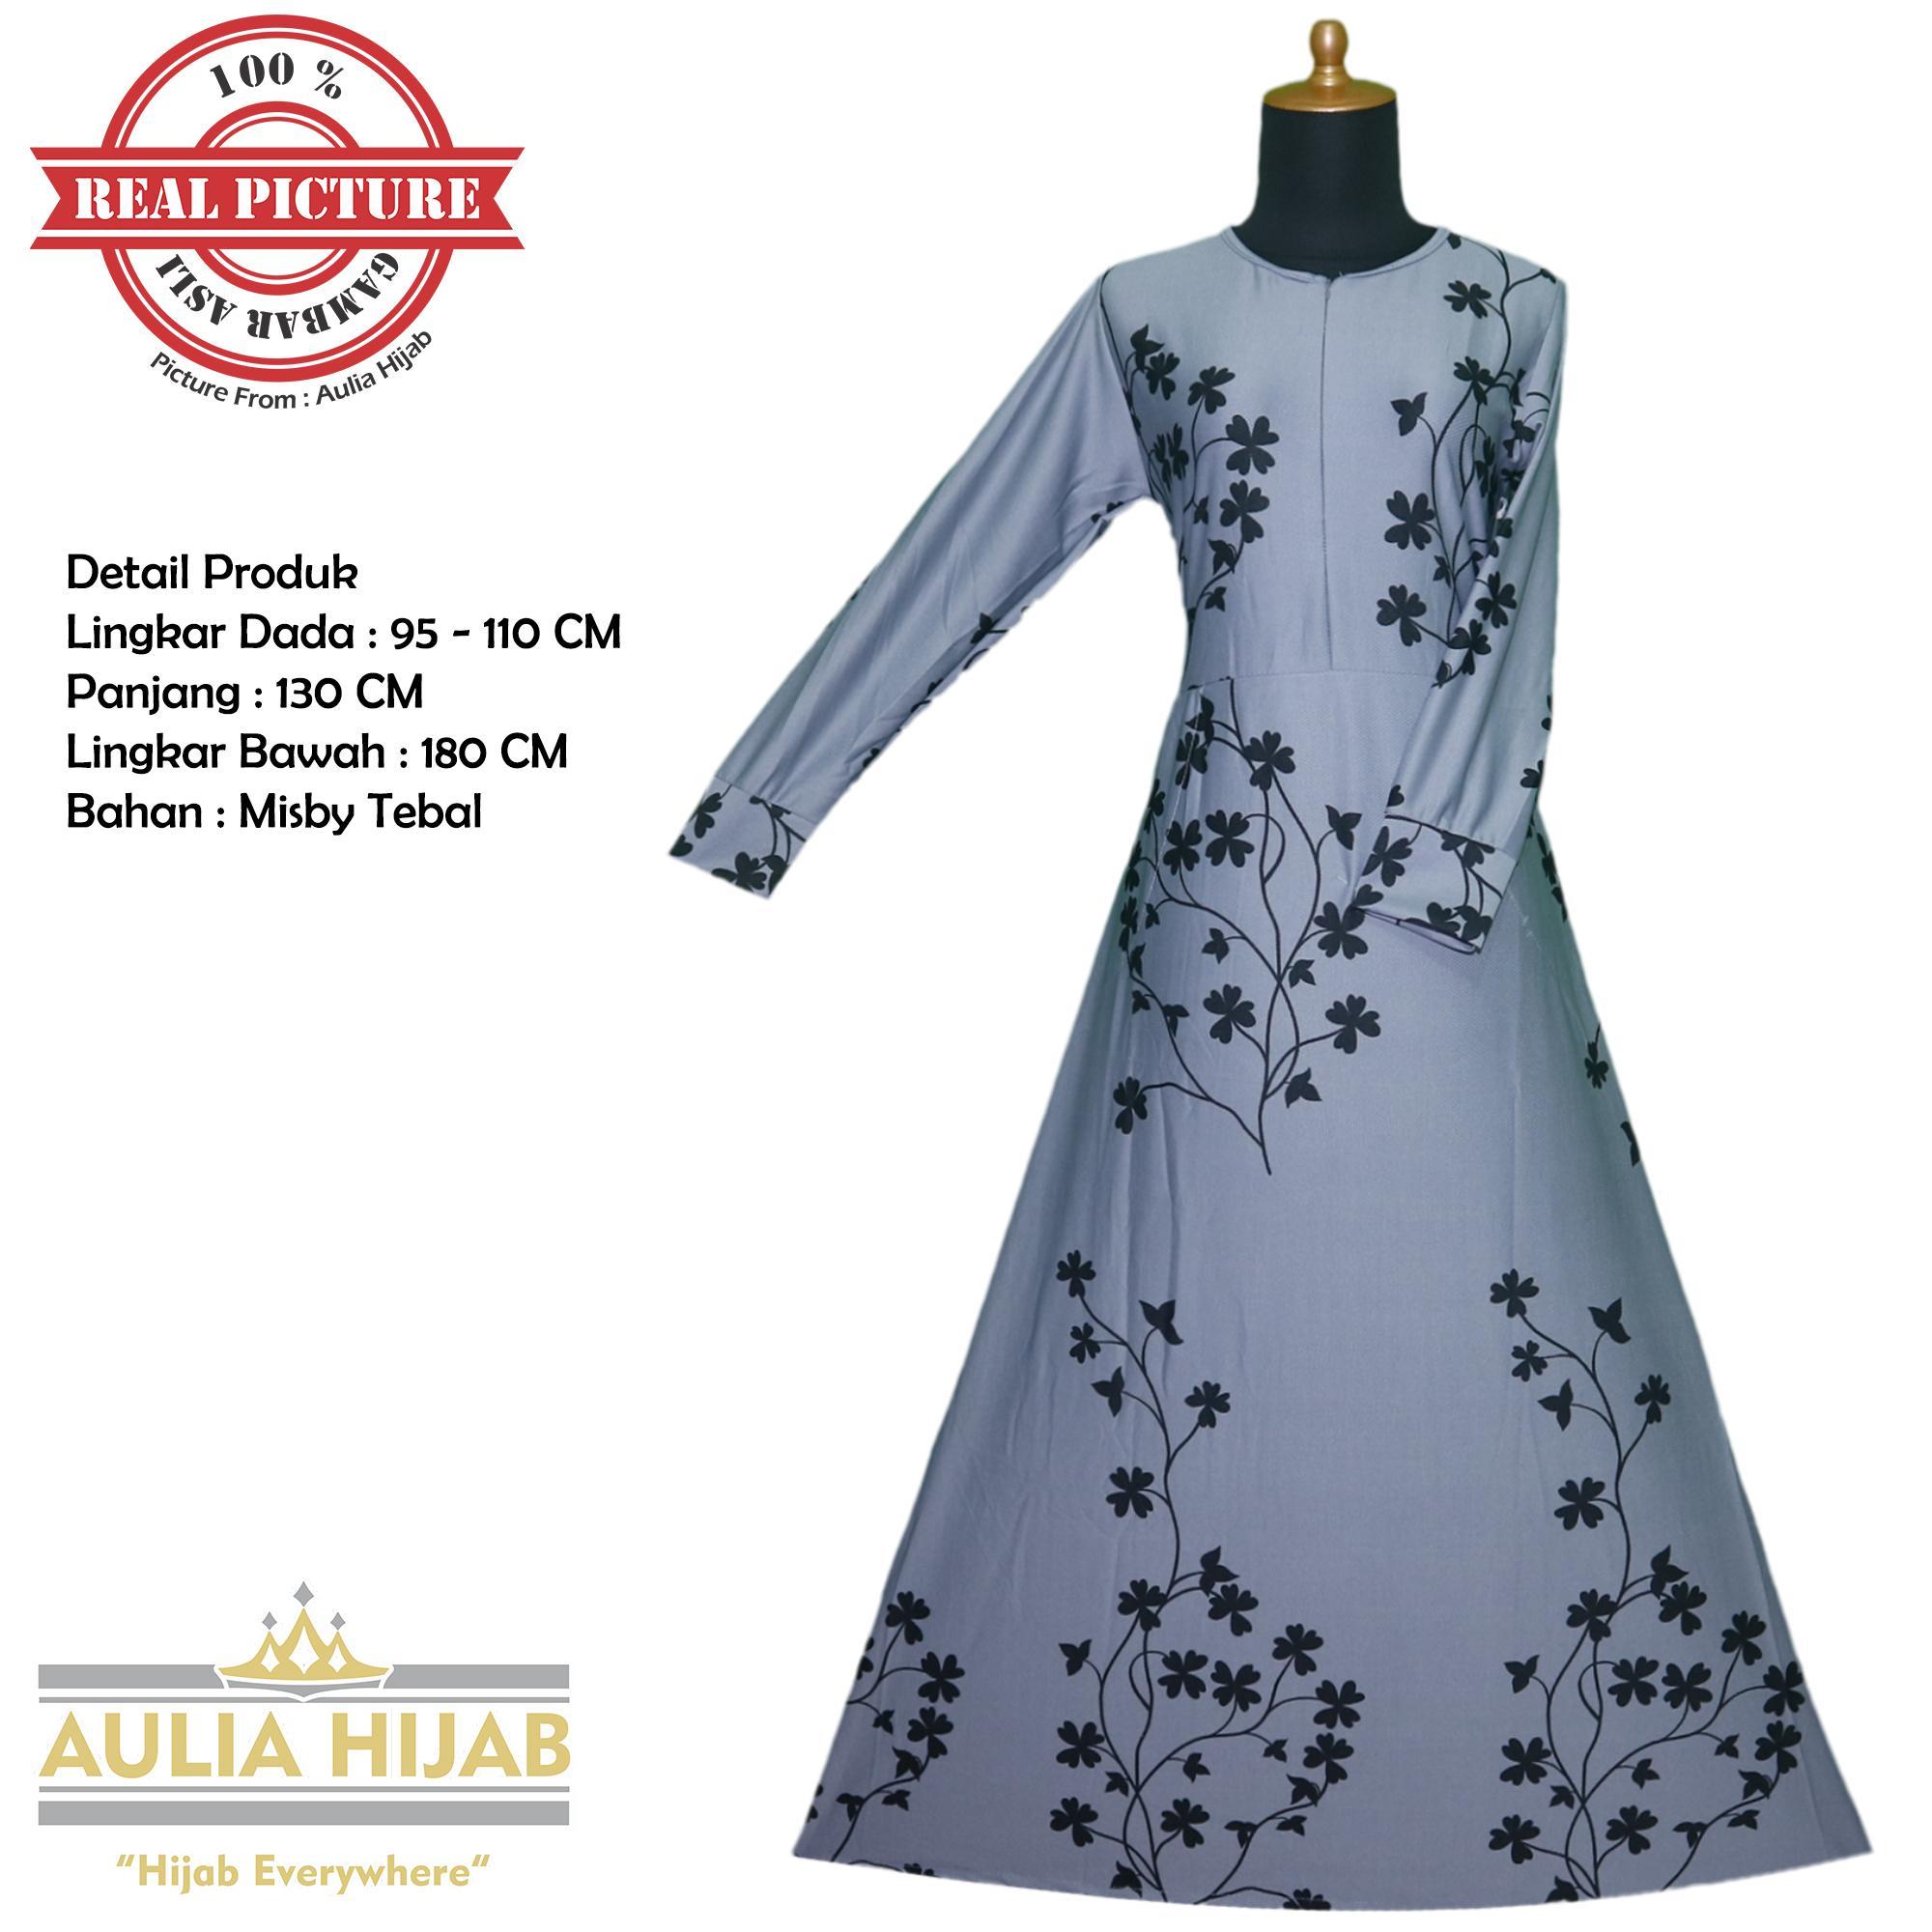 Aulia Hijab - Gamis Aurel Dress Bahan Misby/Gamis Murah/Gamis Cantik/Gamis Murah/GAmis Real Picture/Gamis Pesta/Gamis Santai/Gamis Jersey/Gamis Zipper Depan/Gamis Menyusui/Gamis Bunga-bunga/Gamis Terbaru/Gamis Best Seller